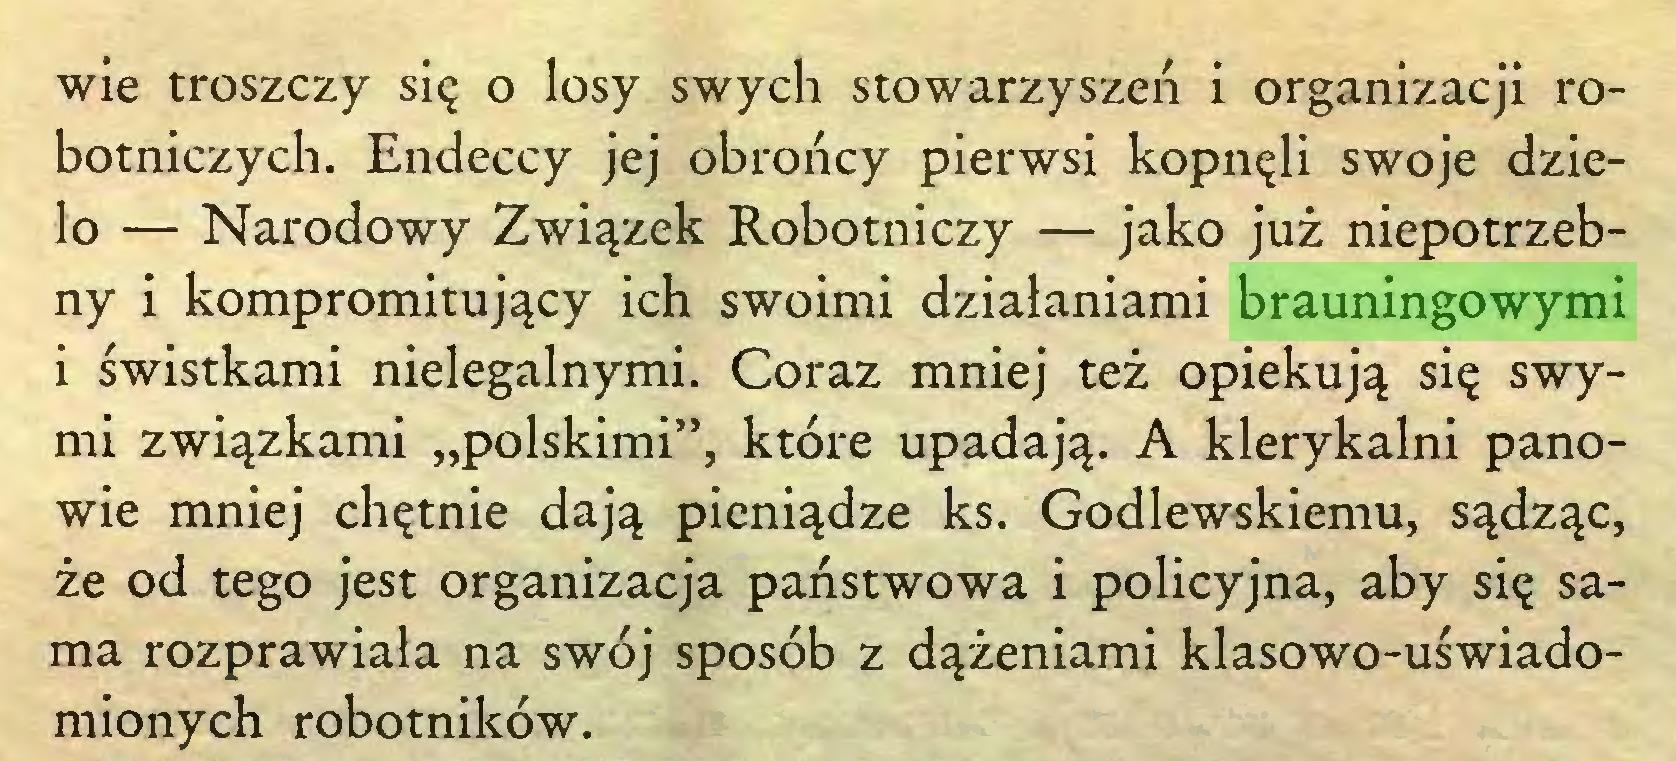 """(...) wie troszczy się o losy swych stowarzyszeń i organizacji robotniczych. Endeccy jej obrońcy pierwsi kopnęli swoje dzieło — Narodowy Związek Robotniczy — jako już niepotrzebny i kompromitujący ich swoimi działaniami brauningowymi i świstkami nielegalnymi. Coraz mniej też opiekują się swymi związkami """"polskimi"""", które upadają. A klerykalni panowie mniej chętnie dają pieniądze ks. Godlewskiemu, sądząc, że od tego jest organizacja państwowa i policyjna, aby się sama rozprawiała na swój sposób z dążeniami klasowo-uświadomionych robotników..."""